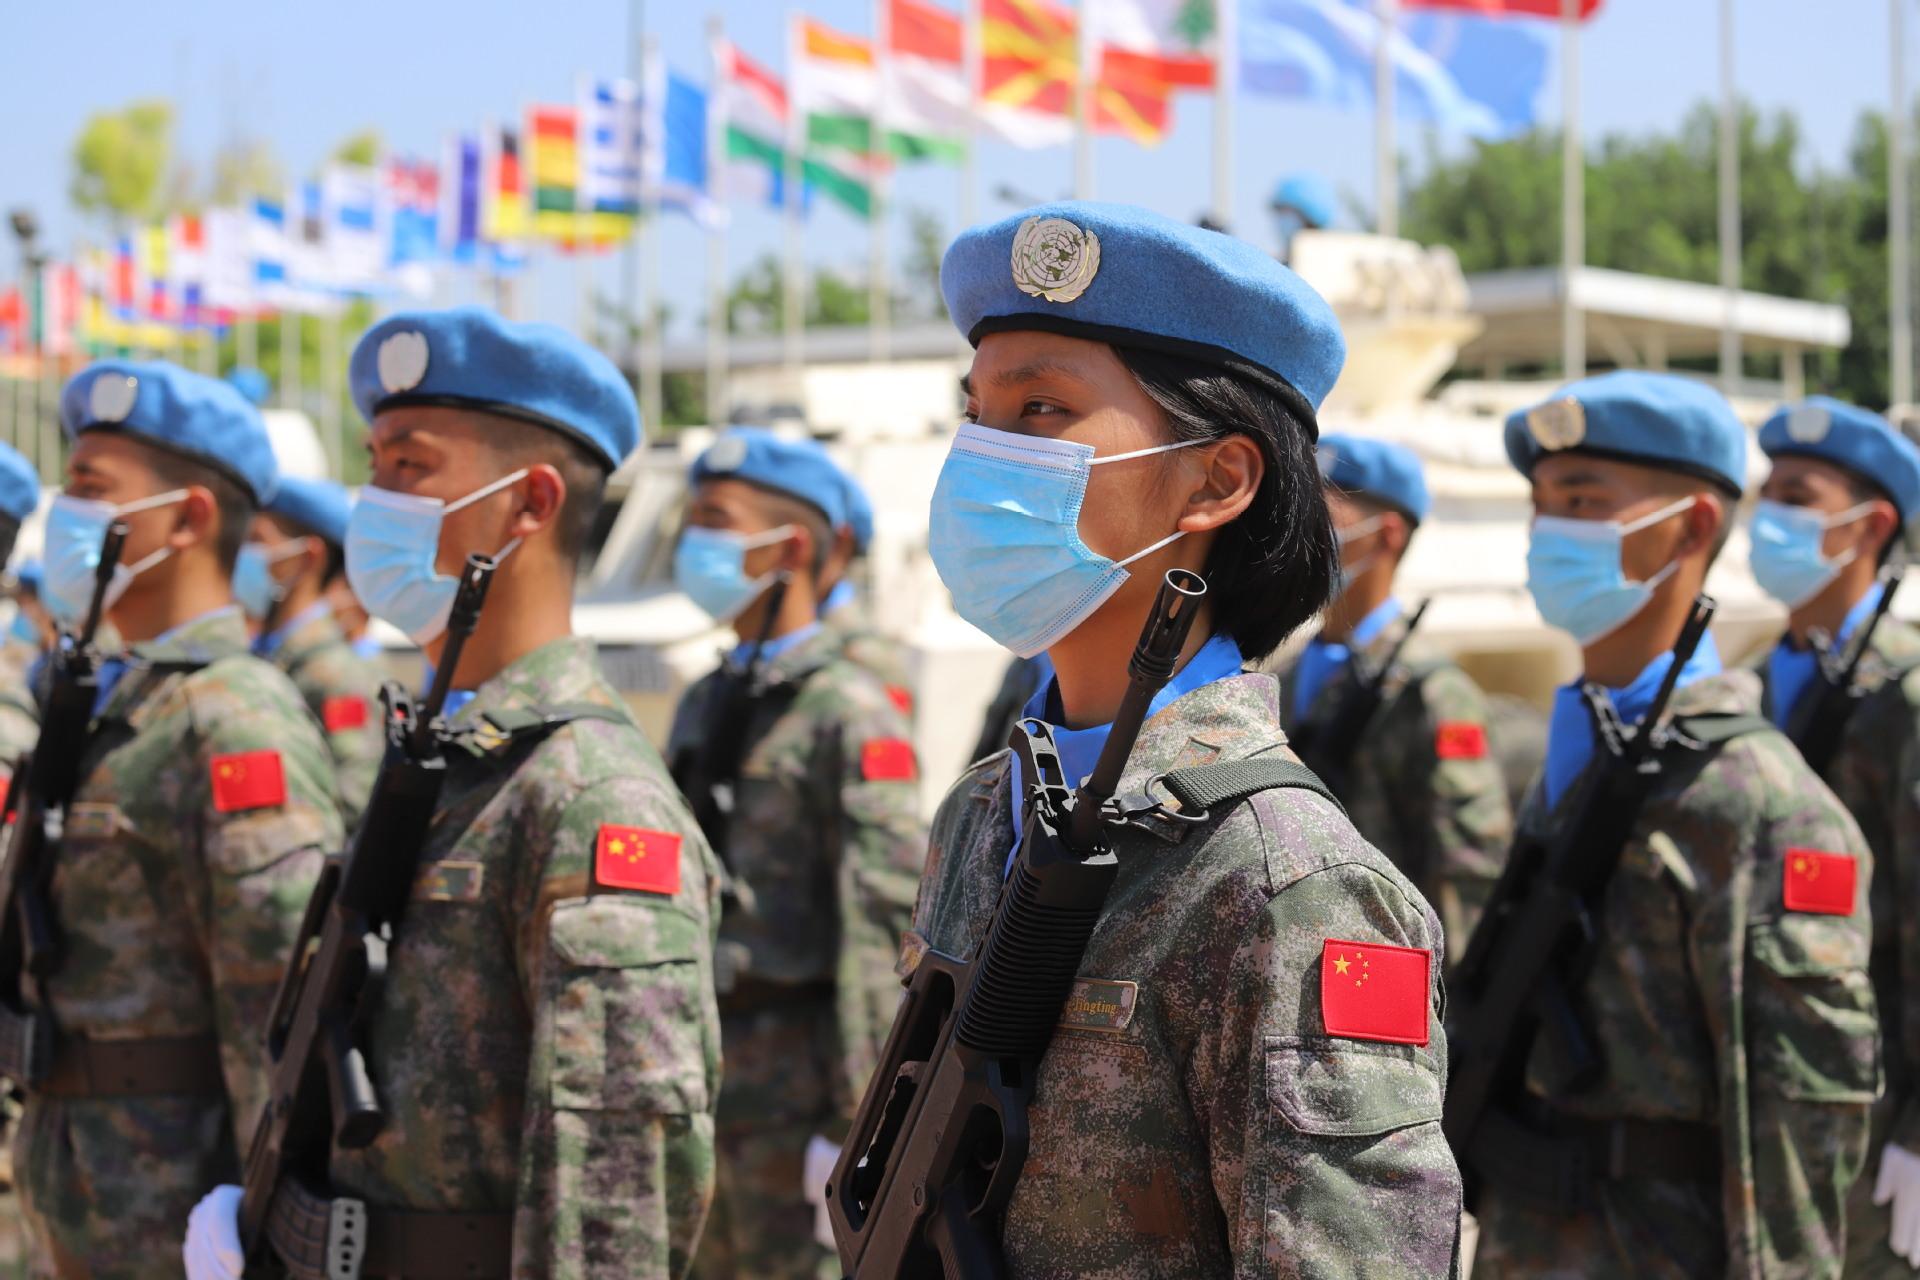 每日一词∣联合国维和行动 UN peacekeeping operations